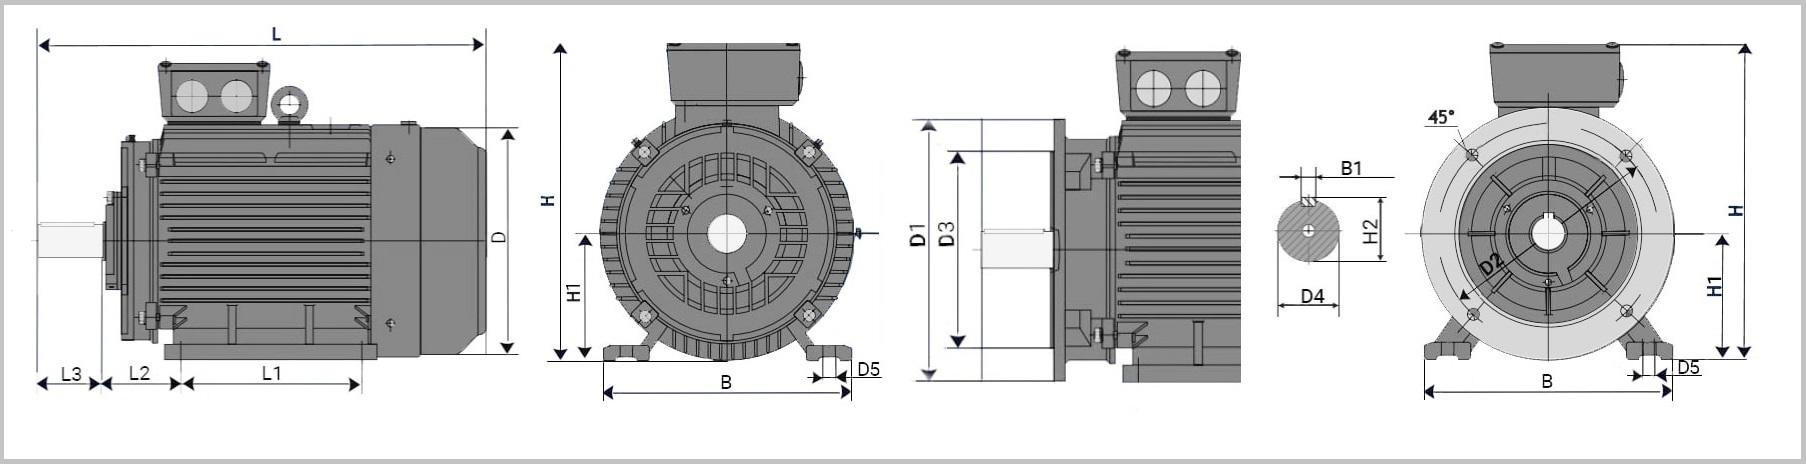 Чертеж, схема присоединительных, габаритных размеров электродвигателя АИР 112